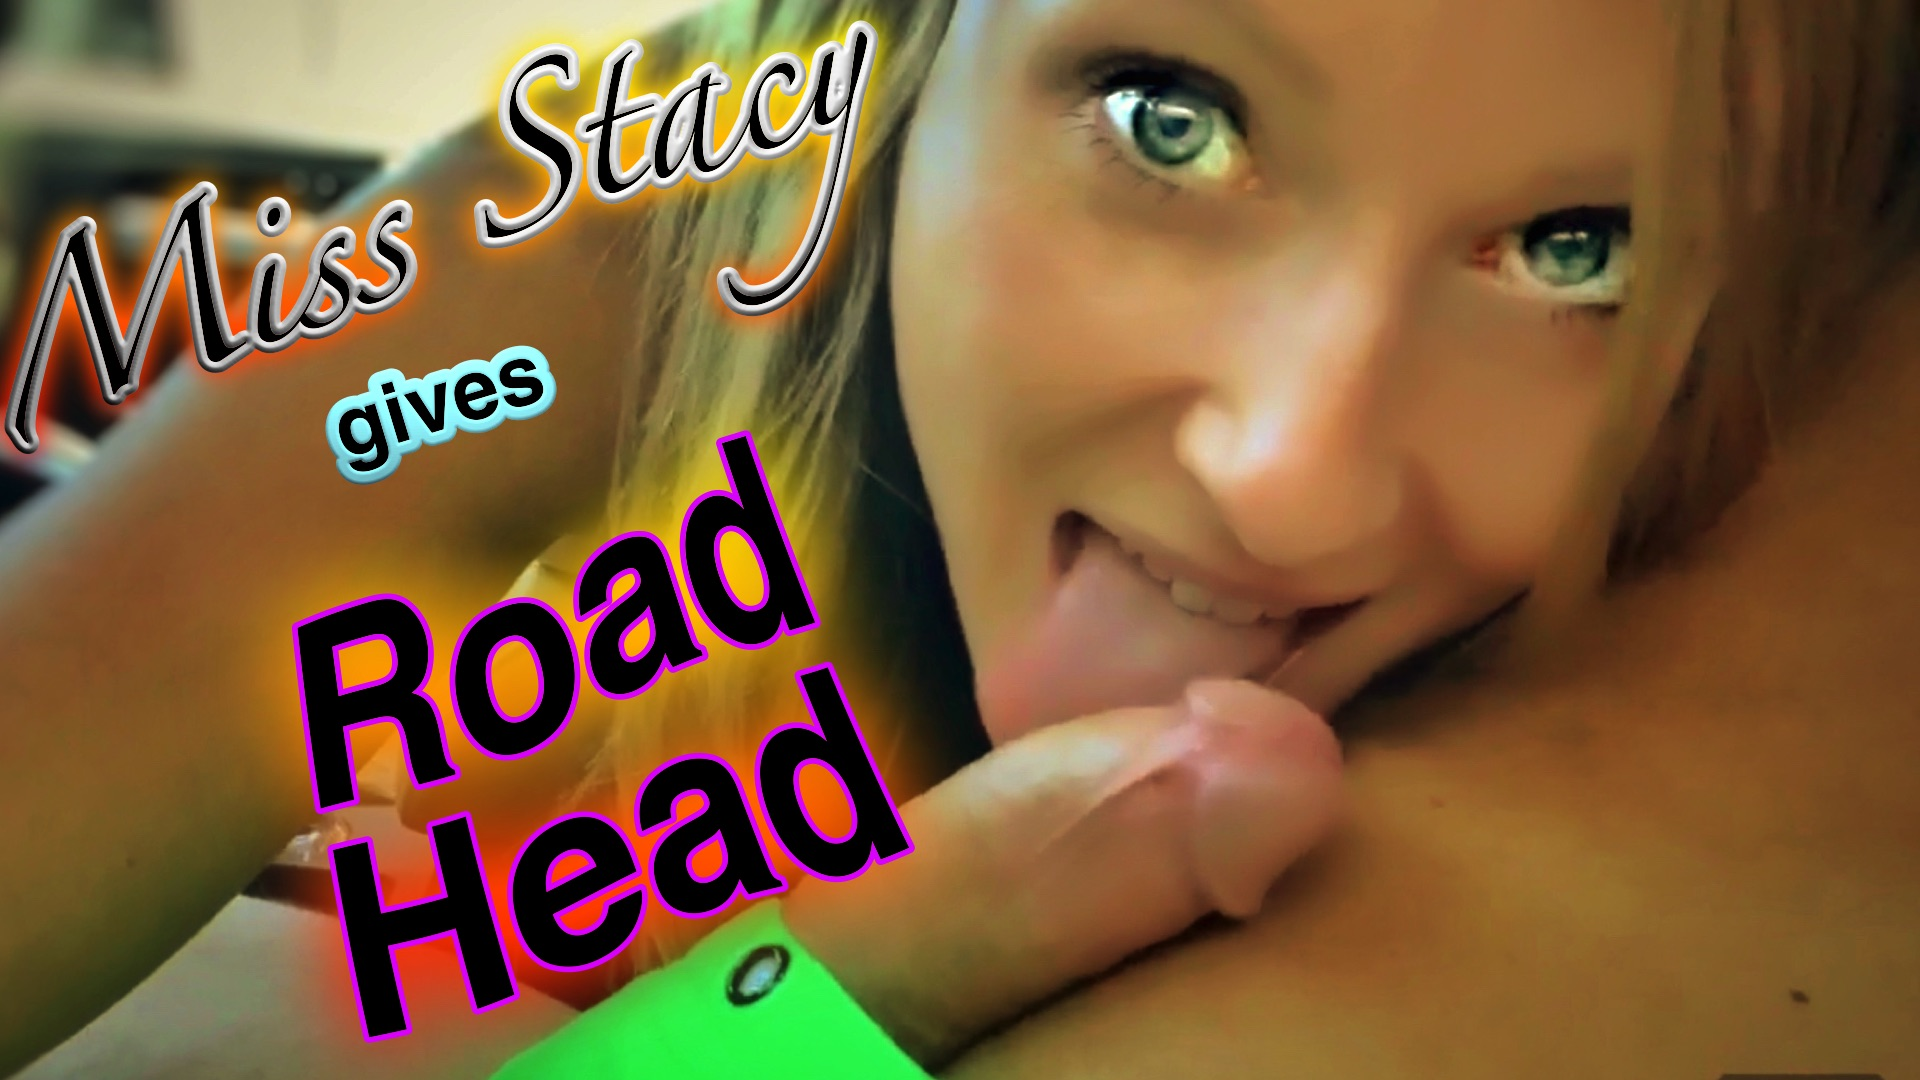 Sloppy Road Head